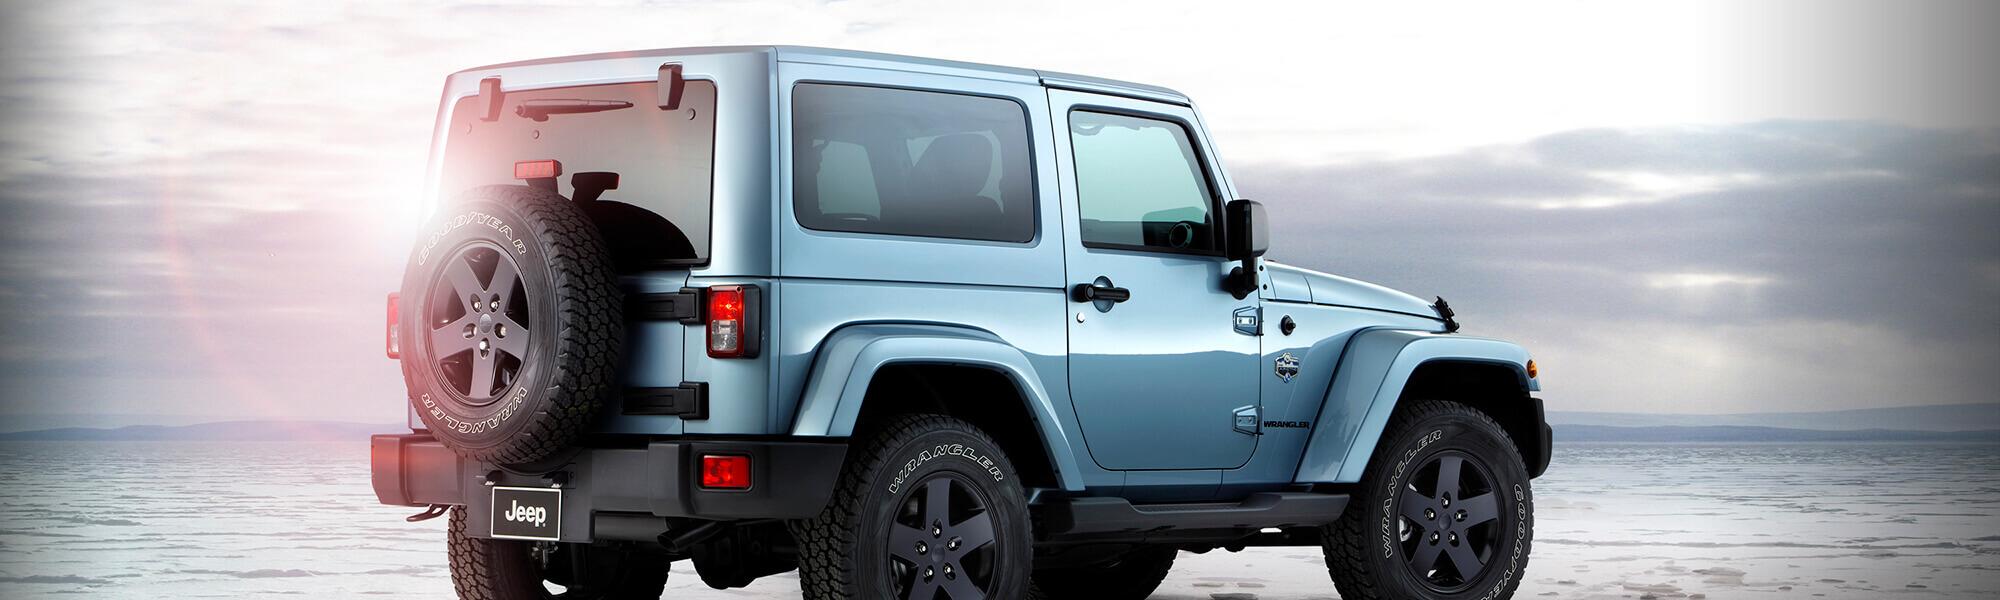 ulmen-jeep-wrangler-slider-1